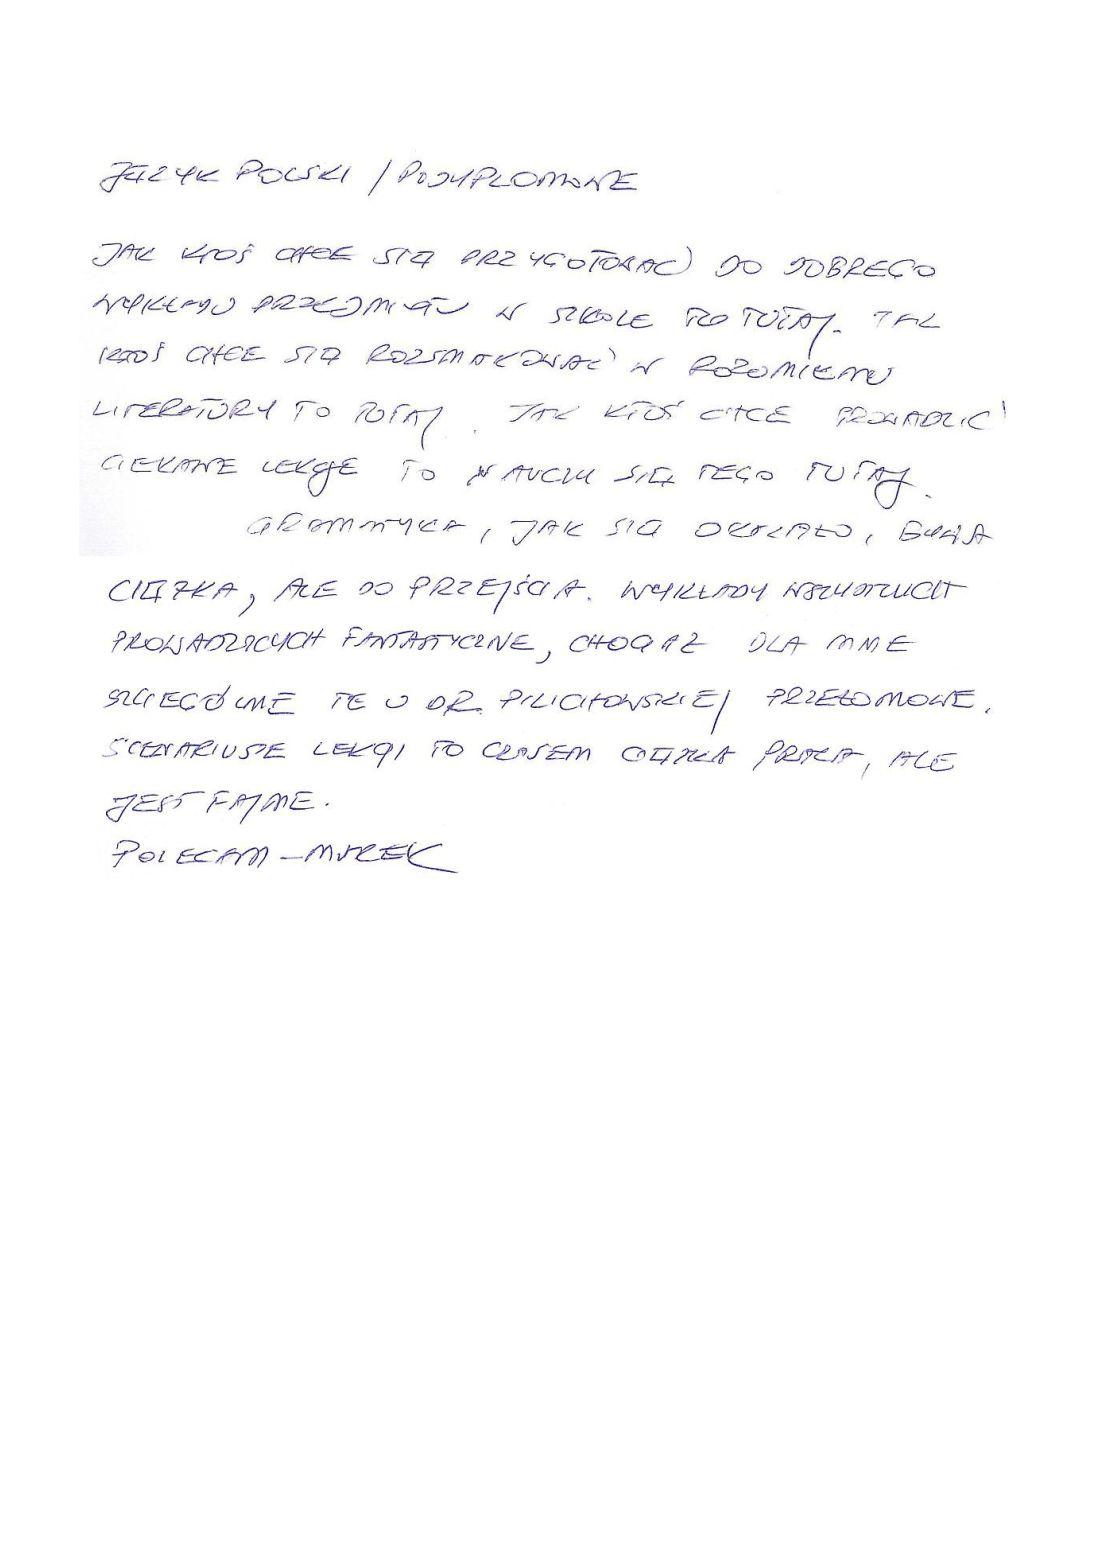 SWPR - piszą o nas - polecenie